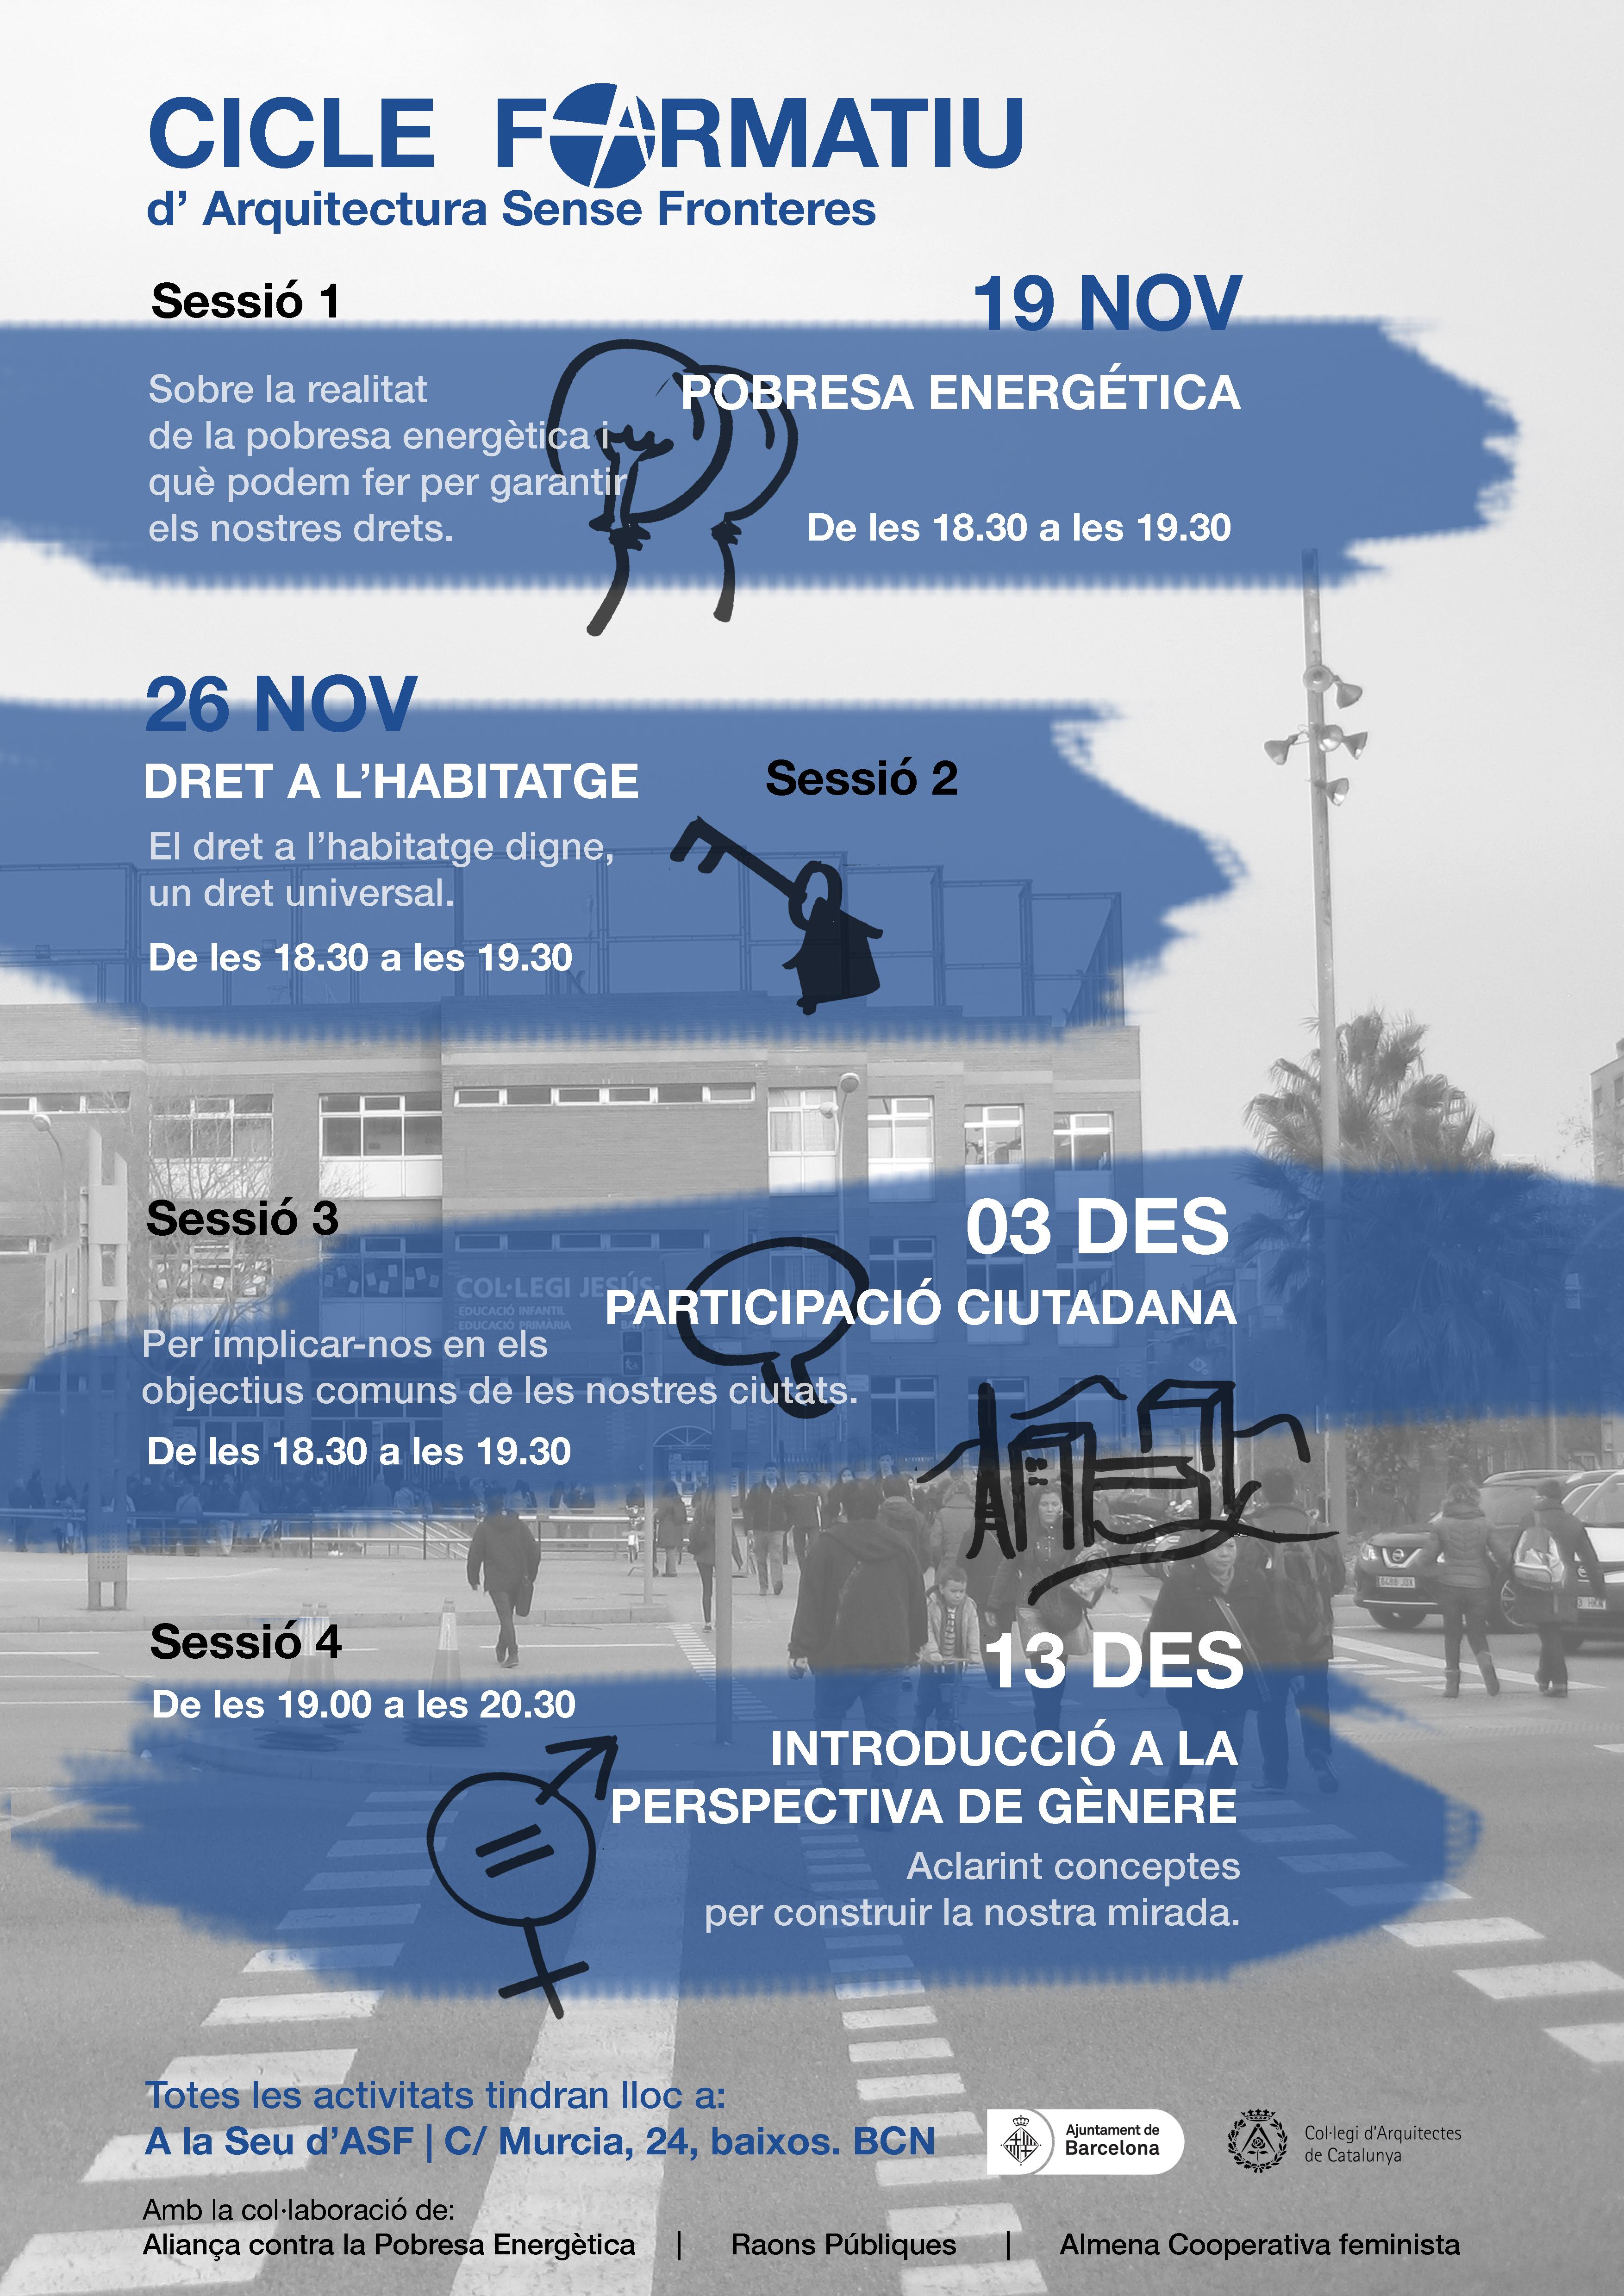 Cicle Formatiu Per Les Nostres Persones Voluntàries D'ASF-Catalunya